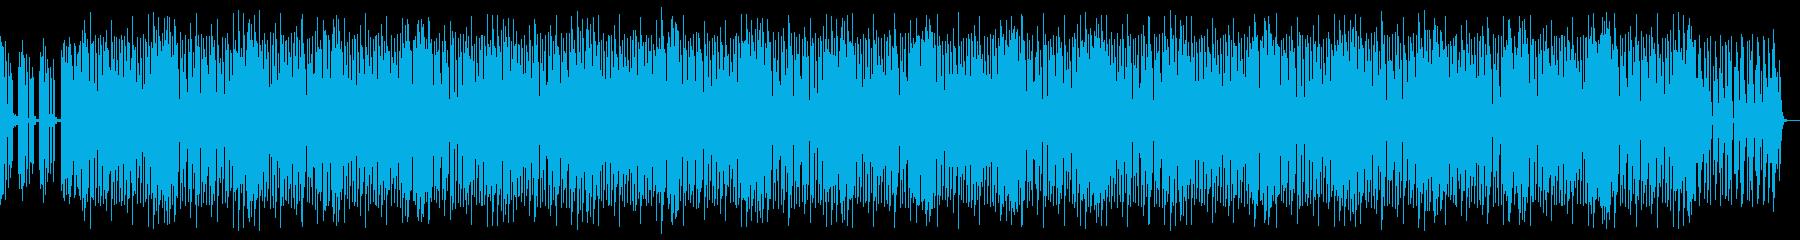 ギャングラップ スタイリッシュ ス...の再生済みの波形